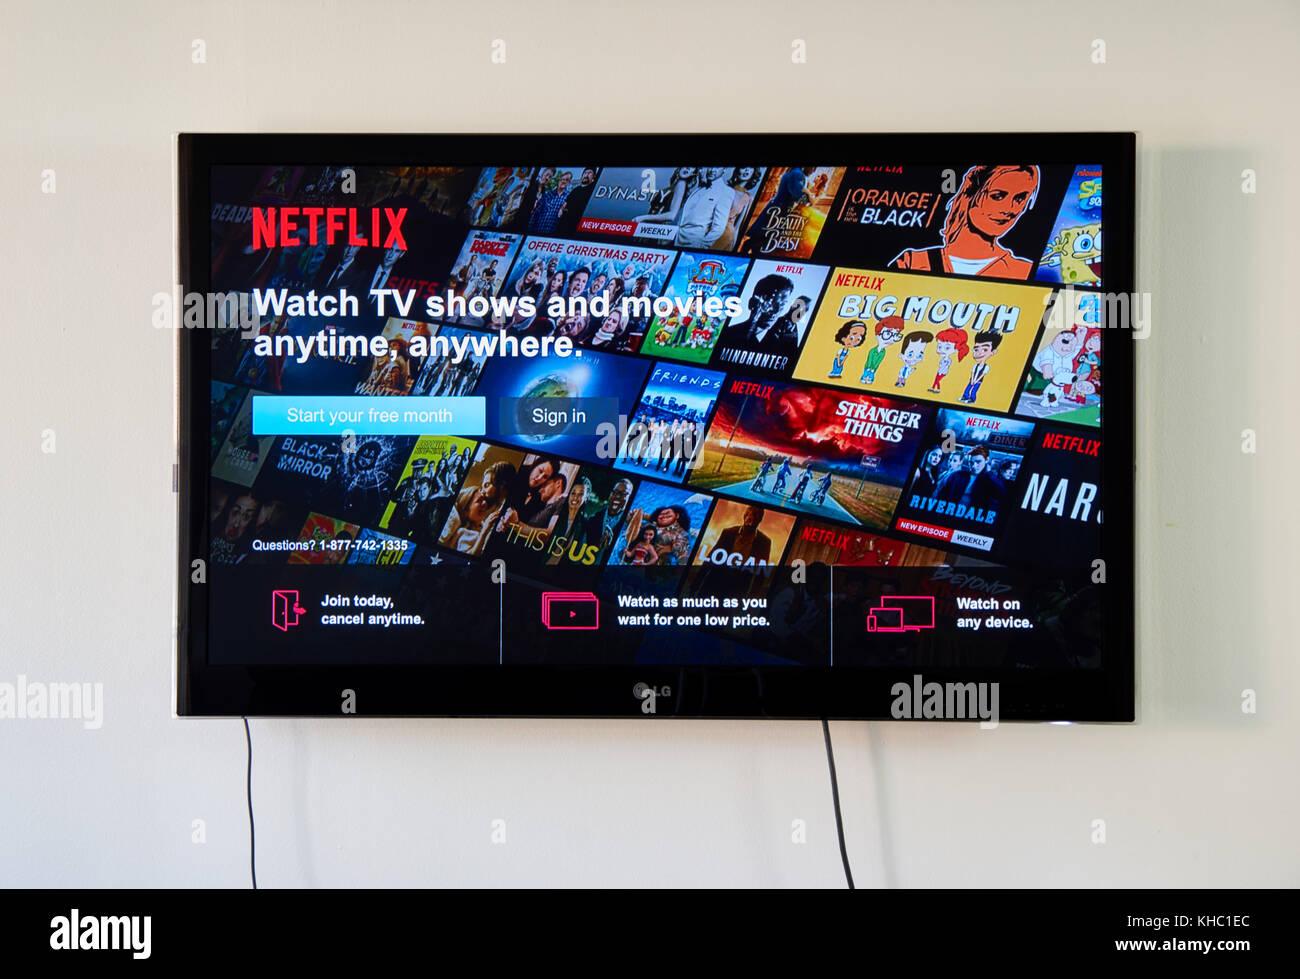 Montreal, Canadá - 15 de noviembre de 2017: signo de Netflix y acceso gratuito página en tv lg. Netflix Imagen De Stock